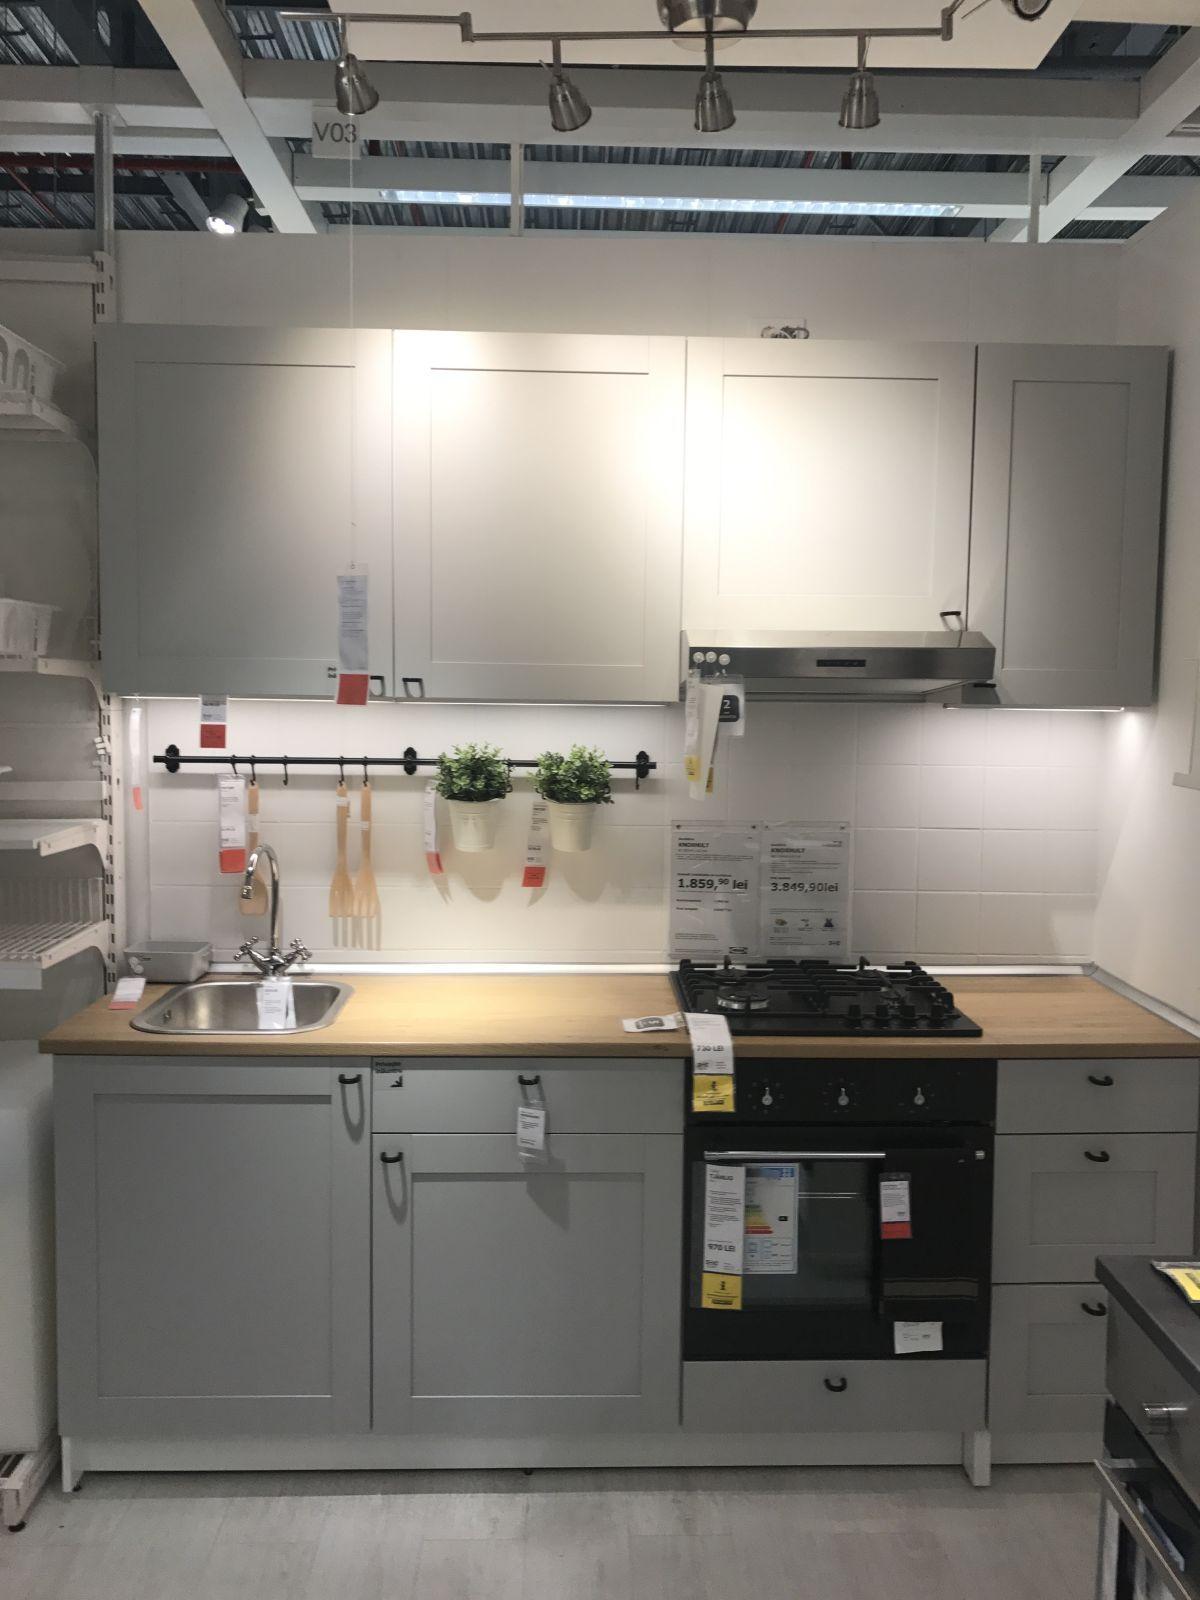 Küche Designs Für Kleine Räume Küchen design